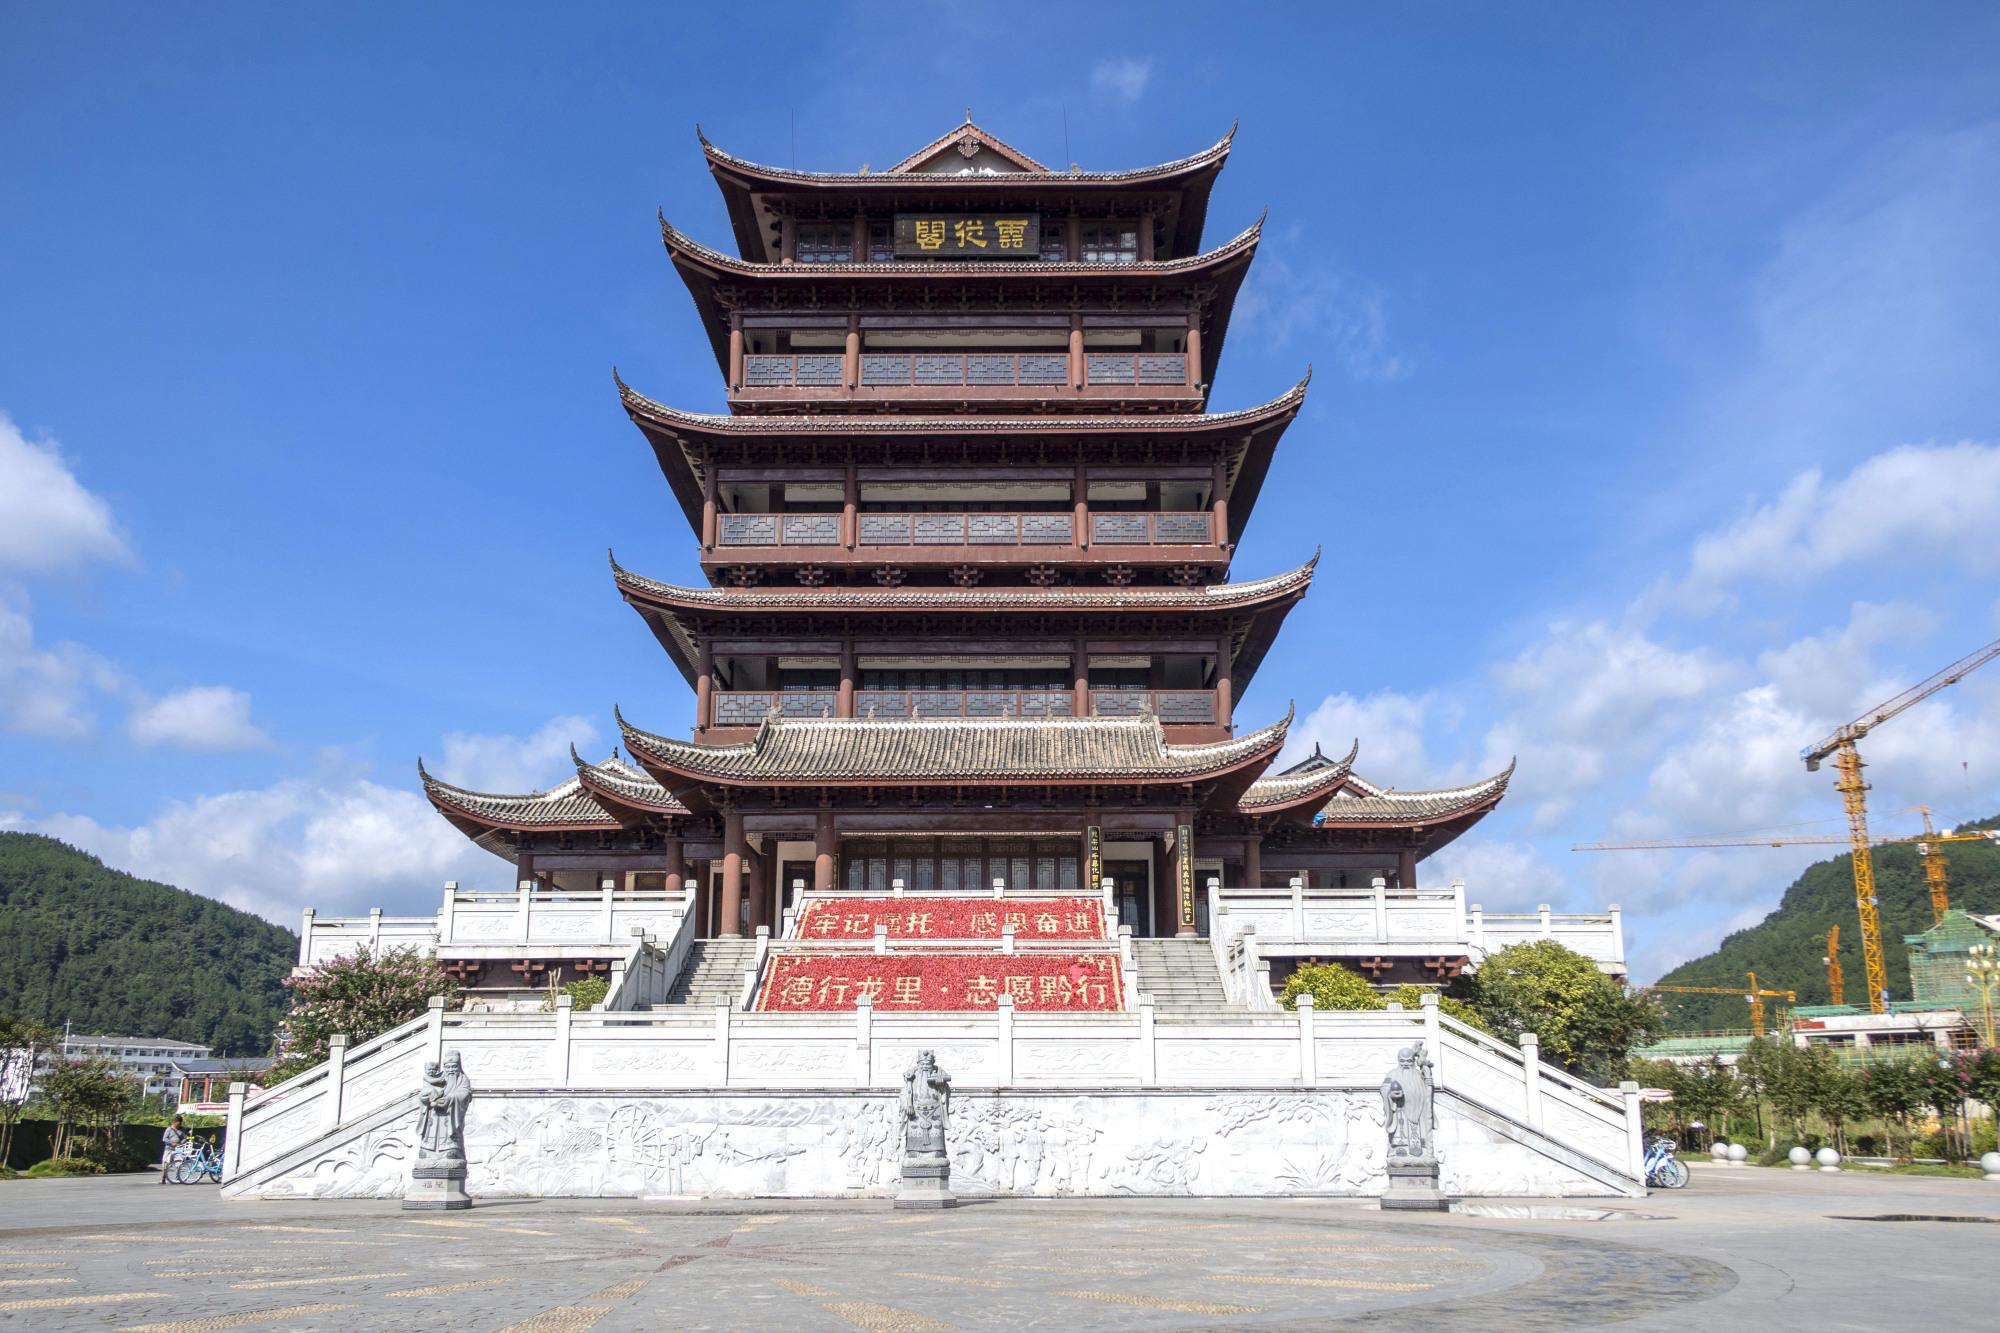 龙里龙门镇武侠文化旅游小镇:云从阁